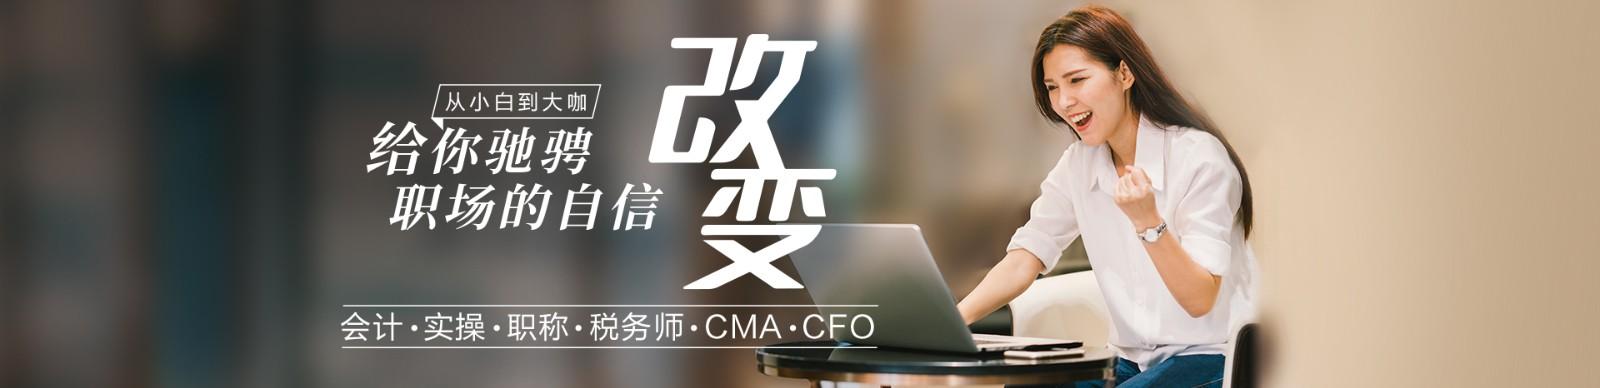 天津恒企会计betway体育app学校 横幅广告